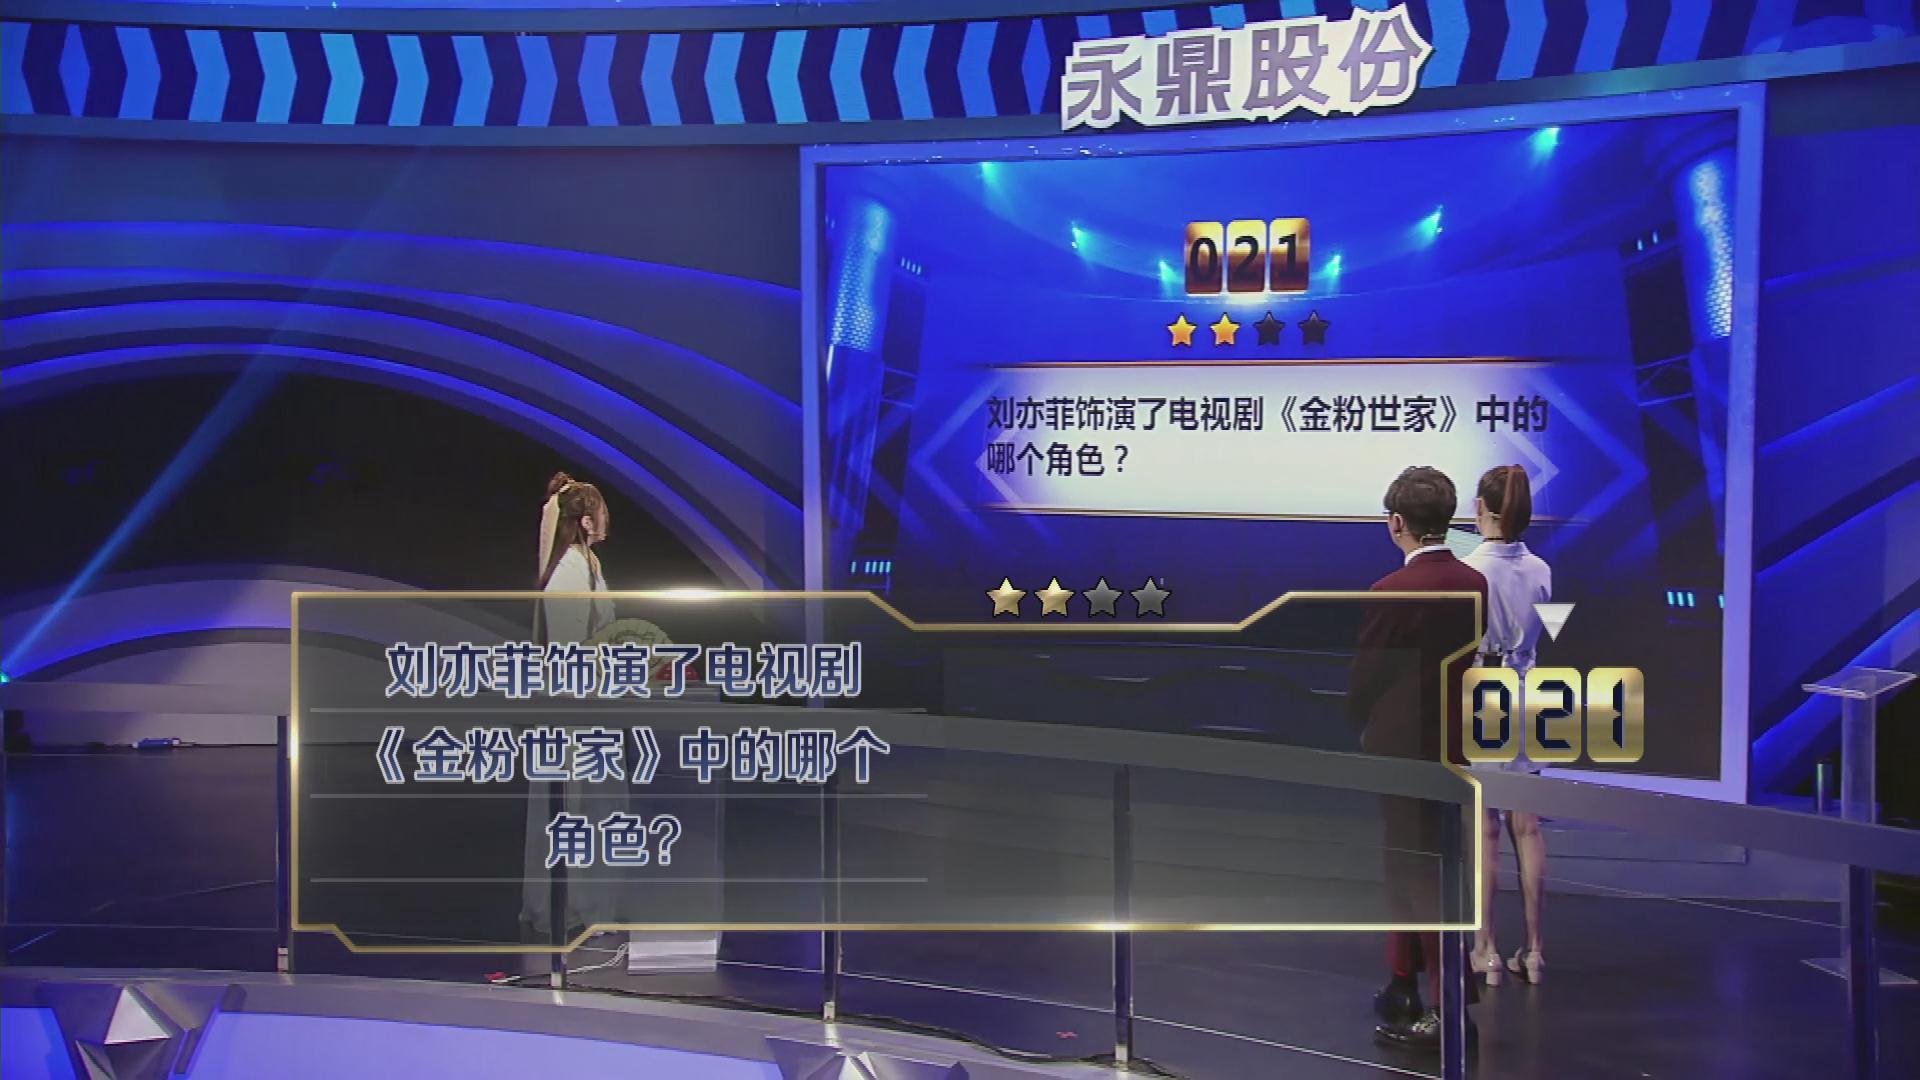 刘亦菲饰演了电视剧《金粉世家》中的哪个角色?